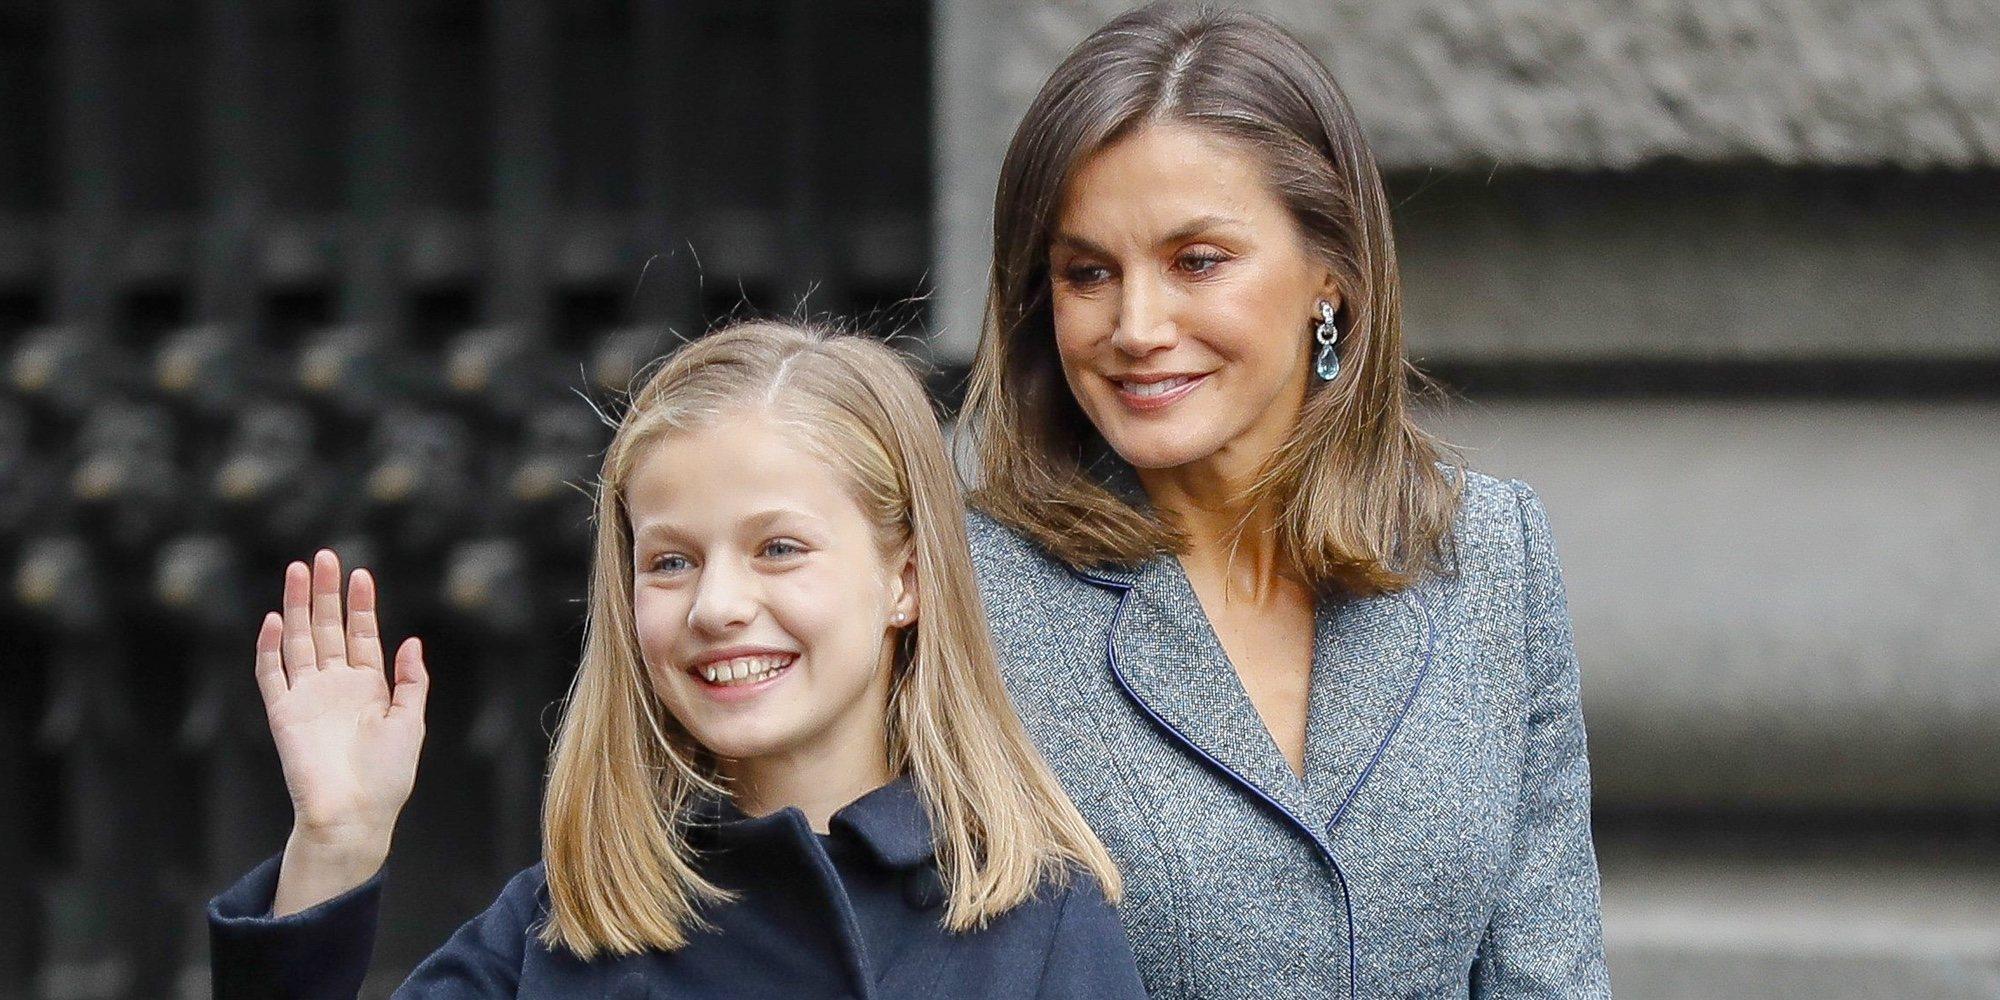 Primeras palabras de la Reina Letizia sobre la primera intervención pública de la Princesa Leonor